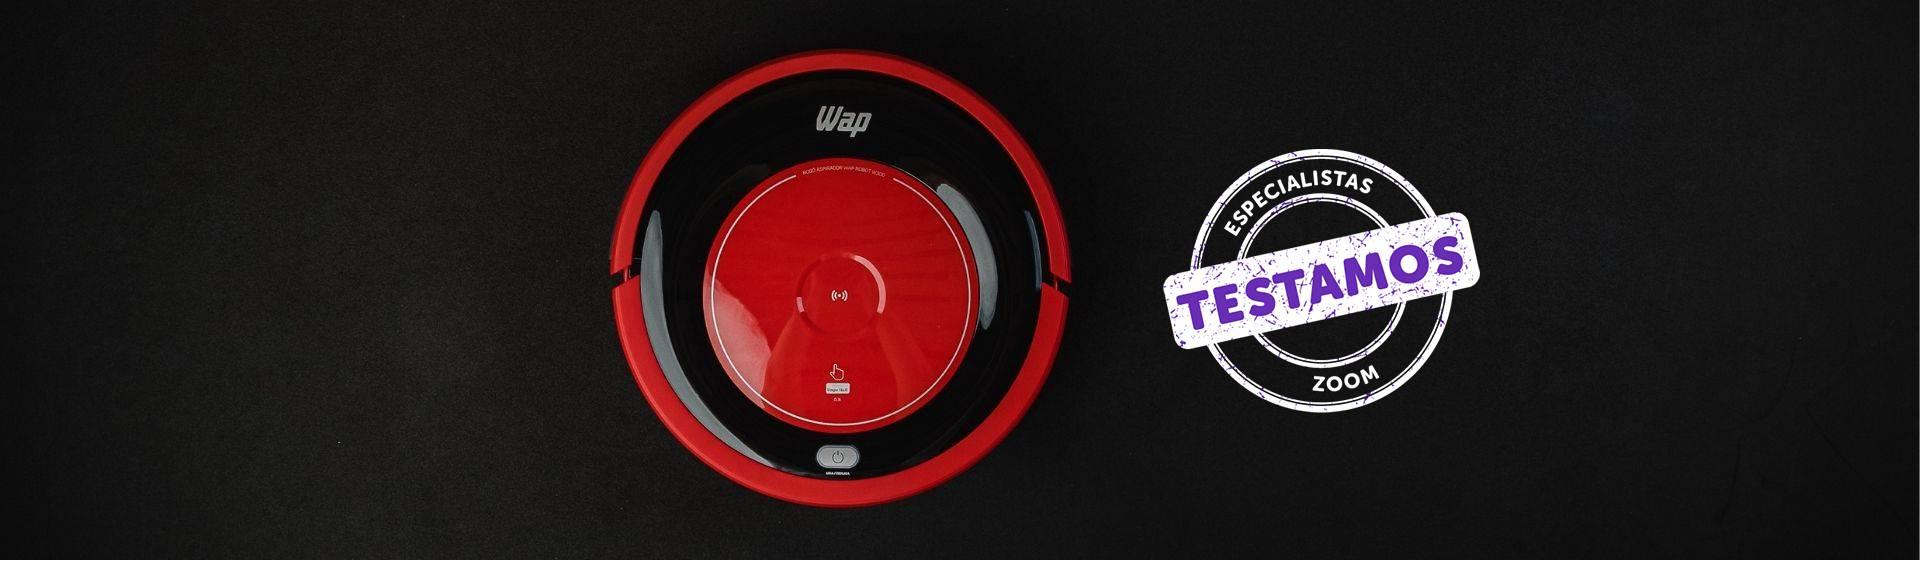 Robô Aspirador Wap Robot W300: ruído baixo e 5 modos de limpeza